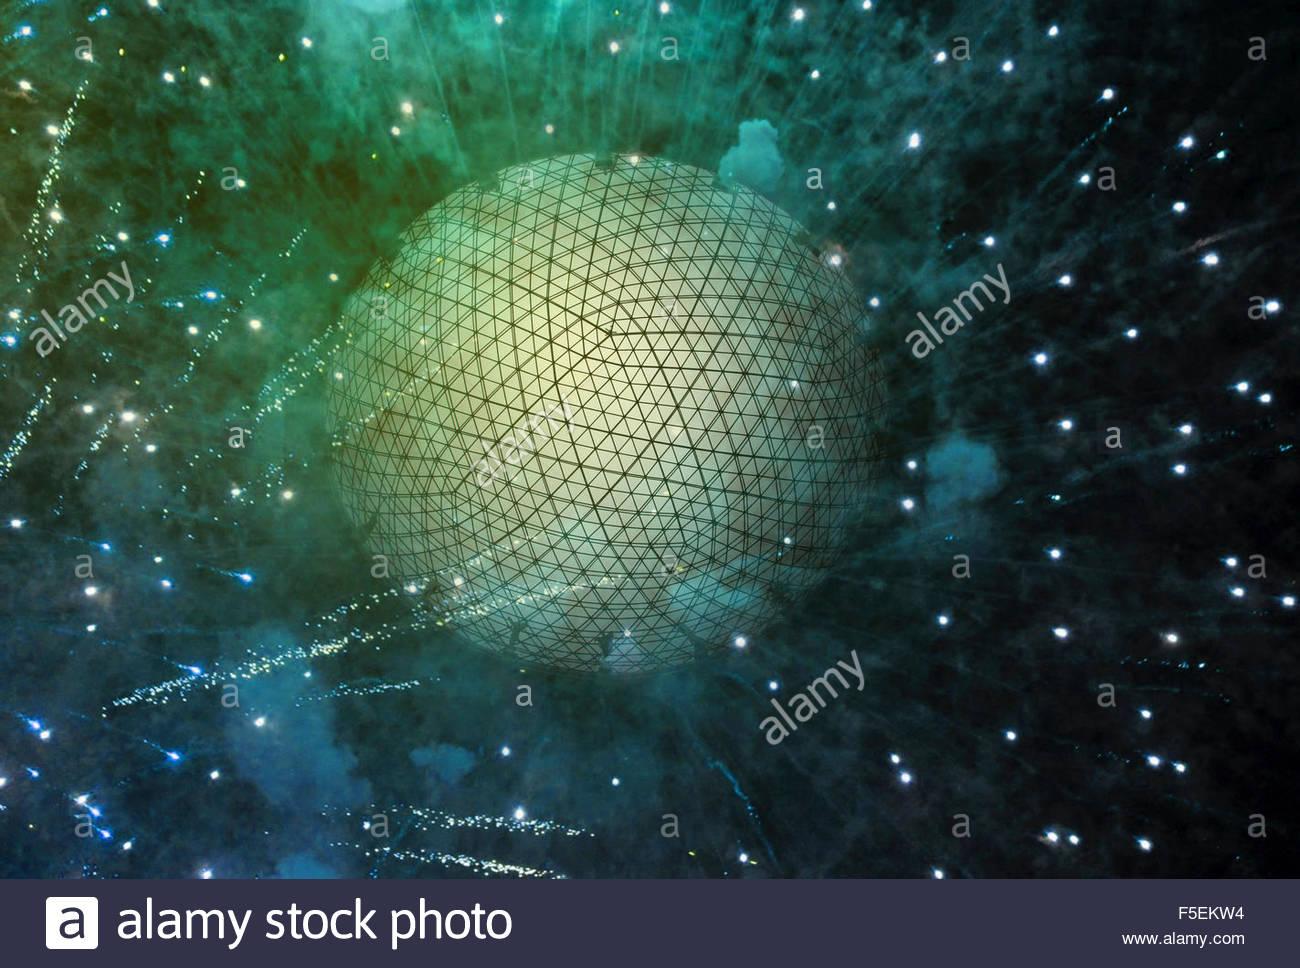 Quadrillage sur sphère explosion Photo Stock